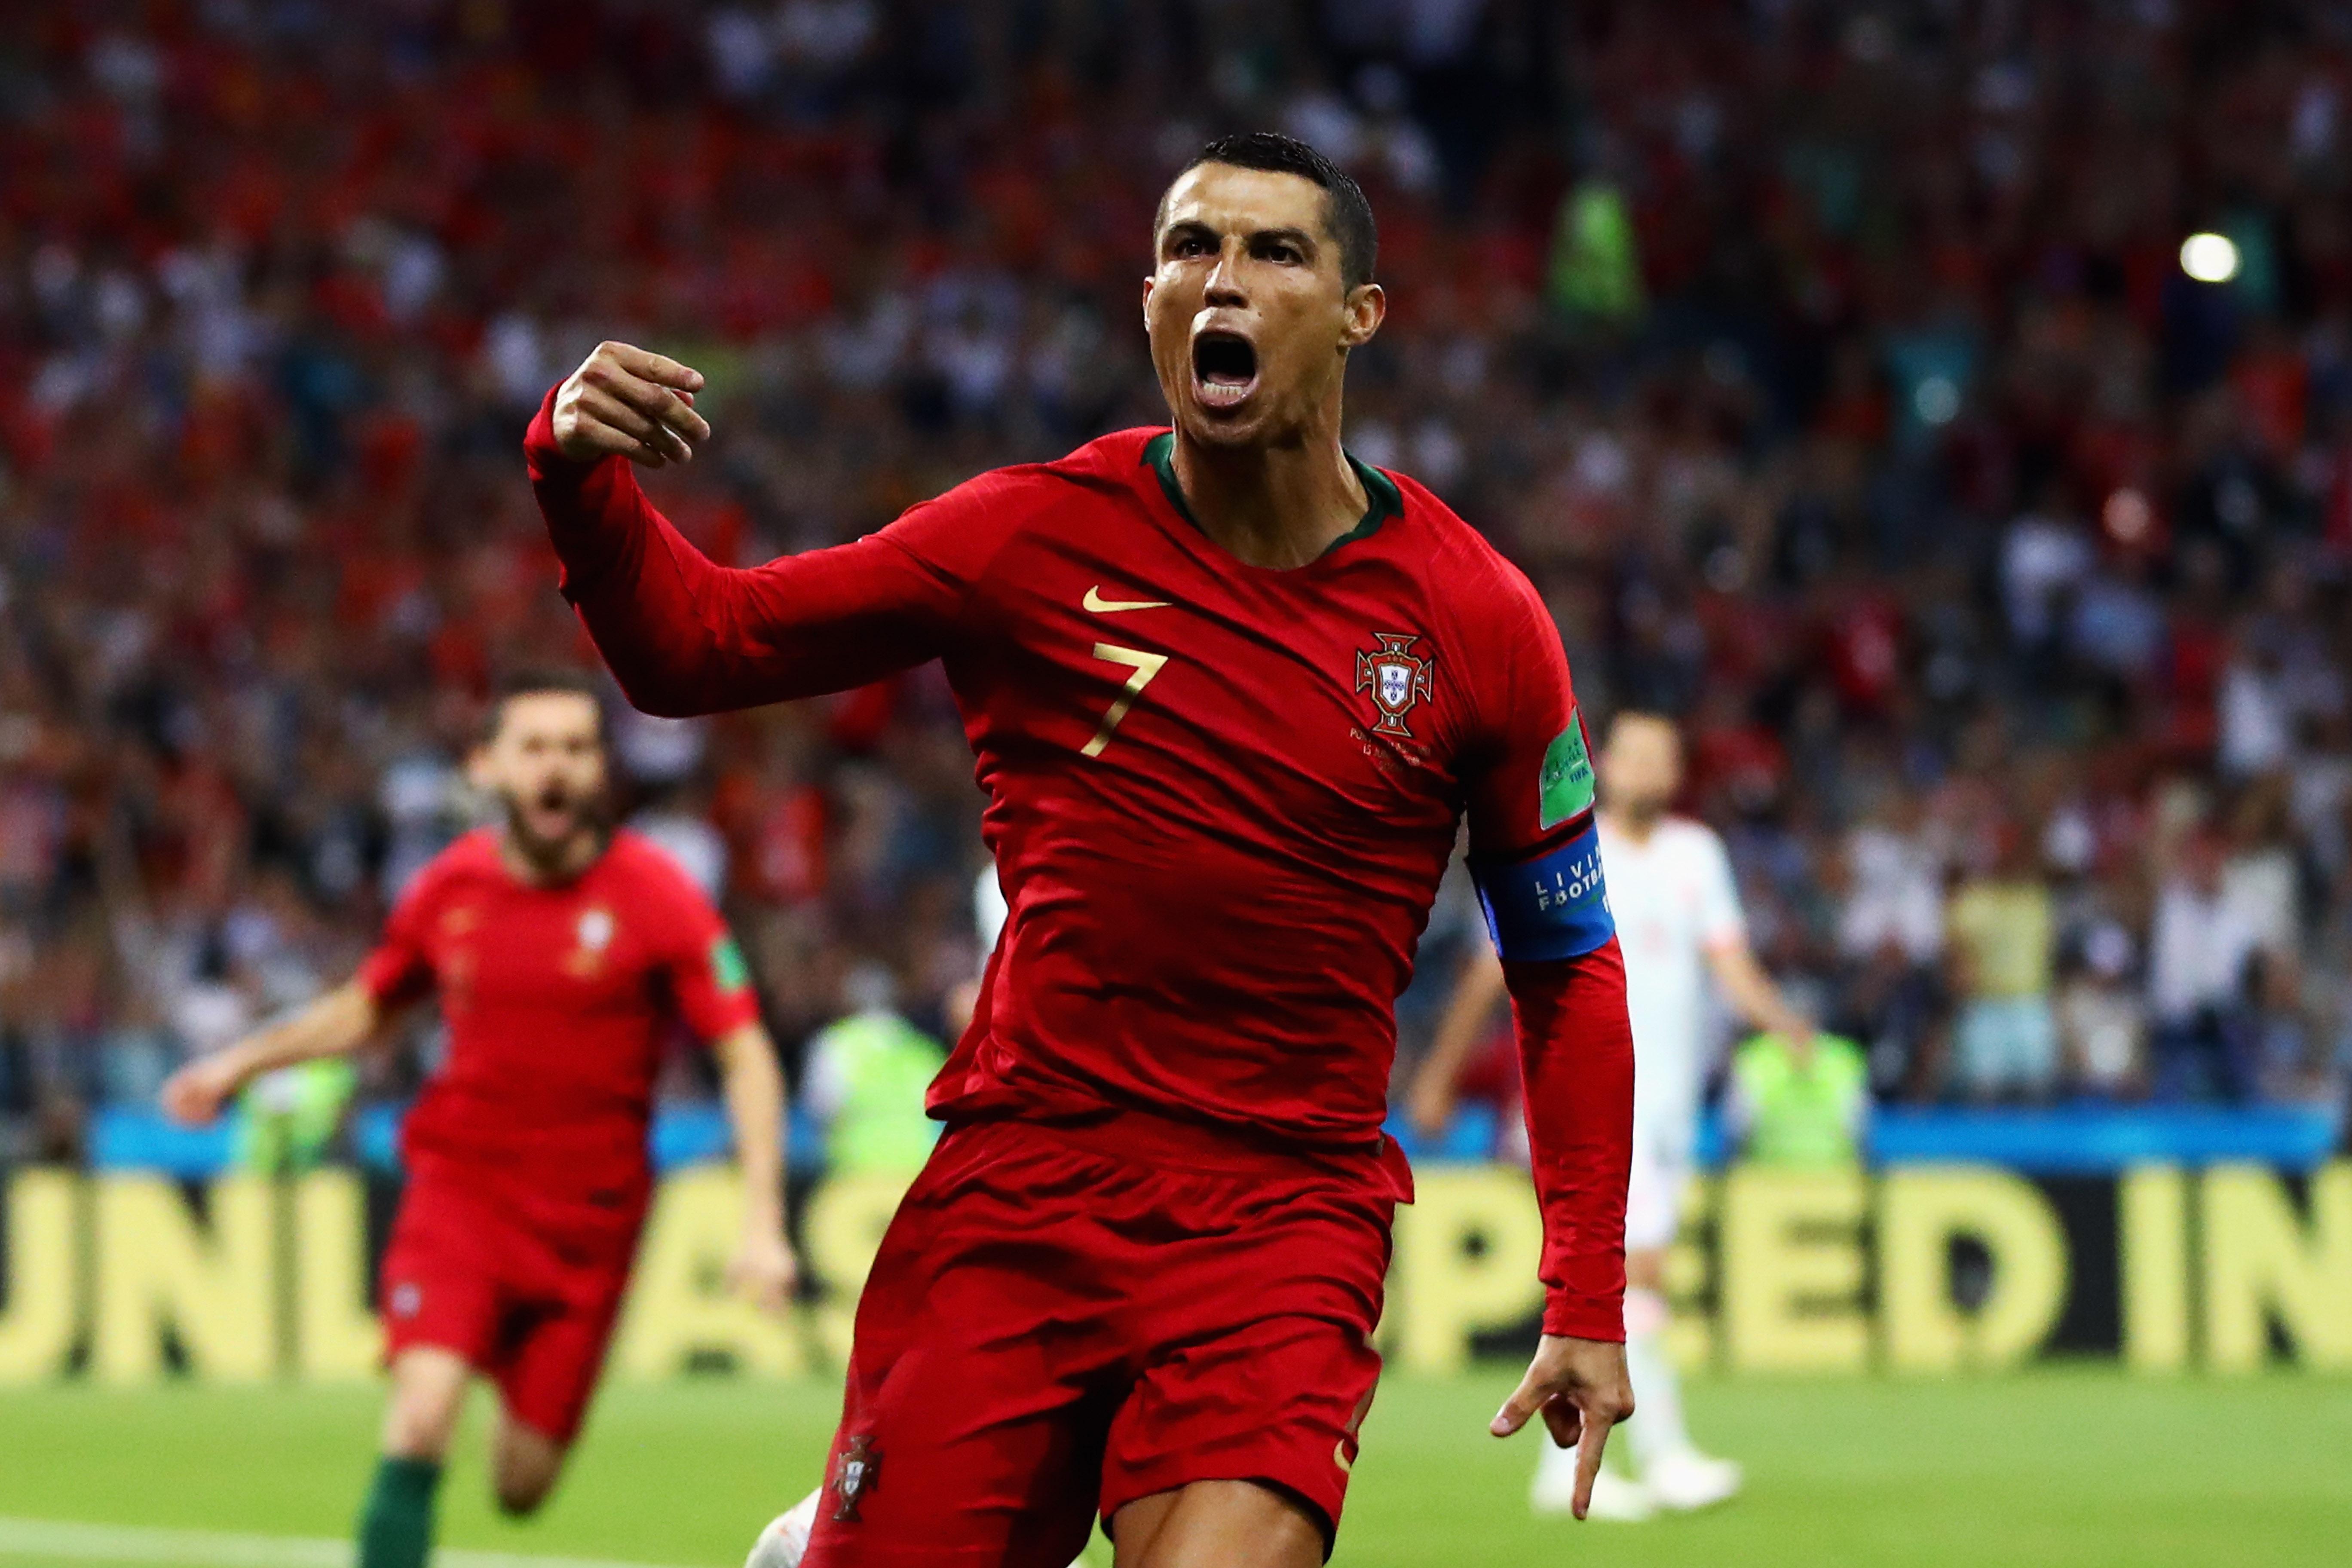 Hora Juega Portugal Marruecos Mundial Rusia 2018